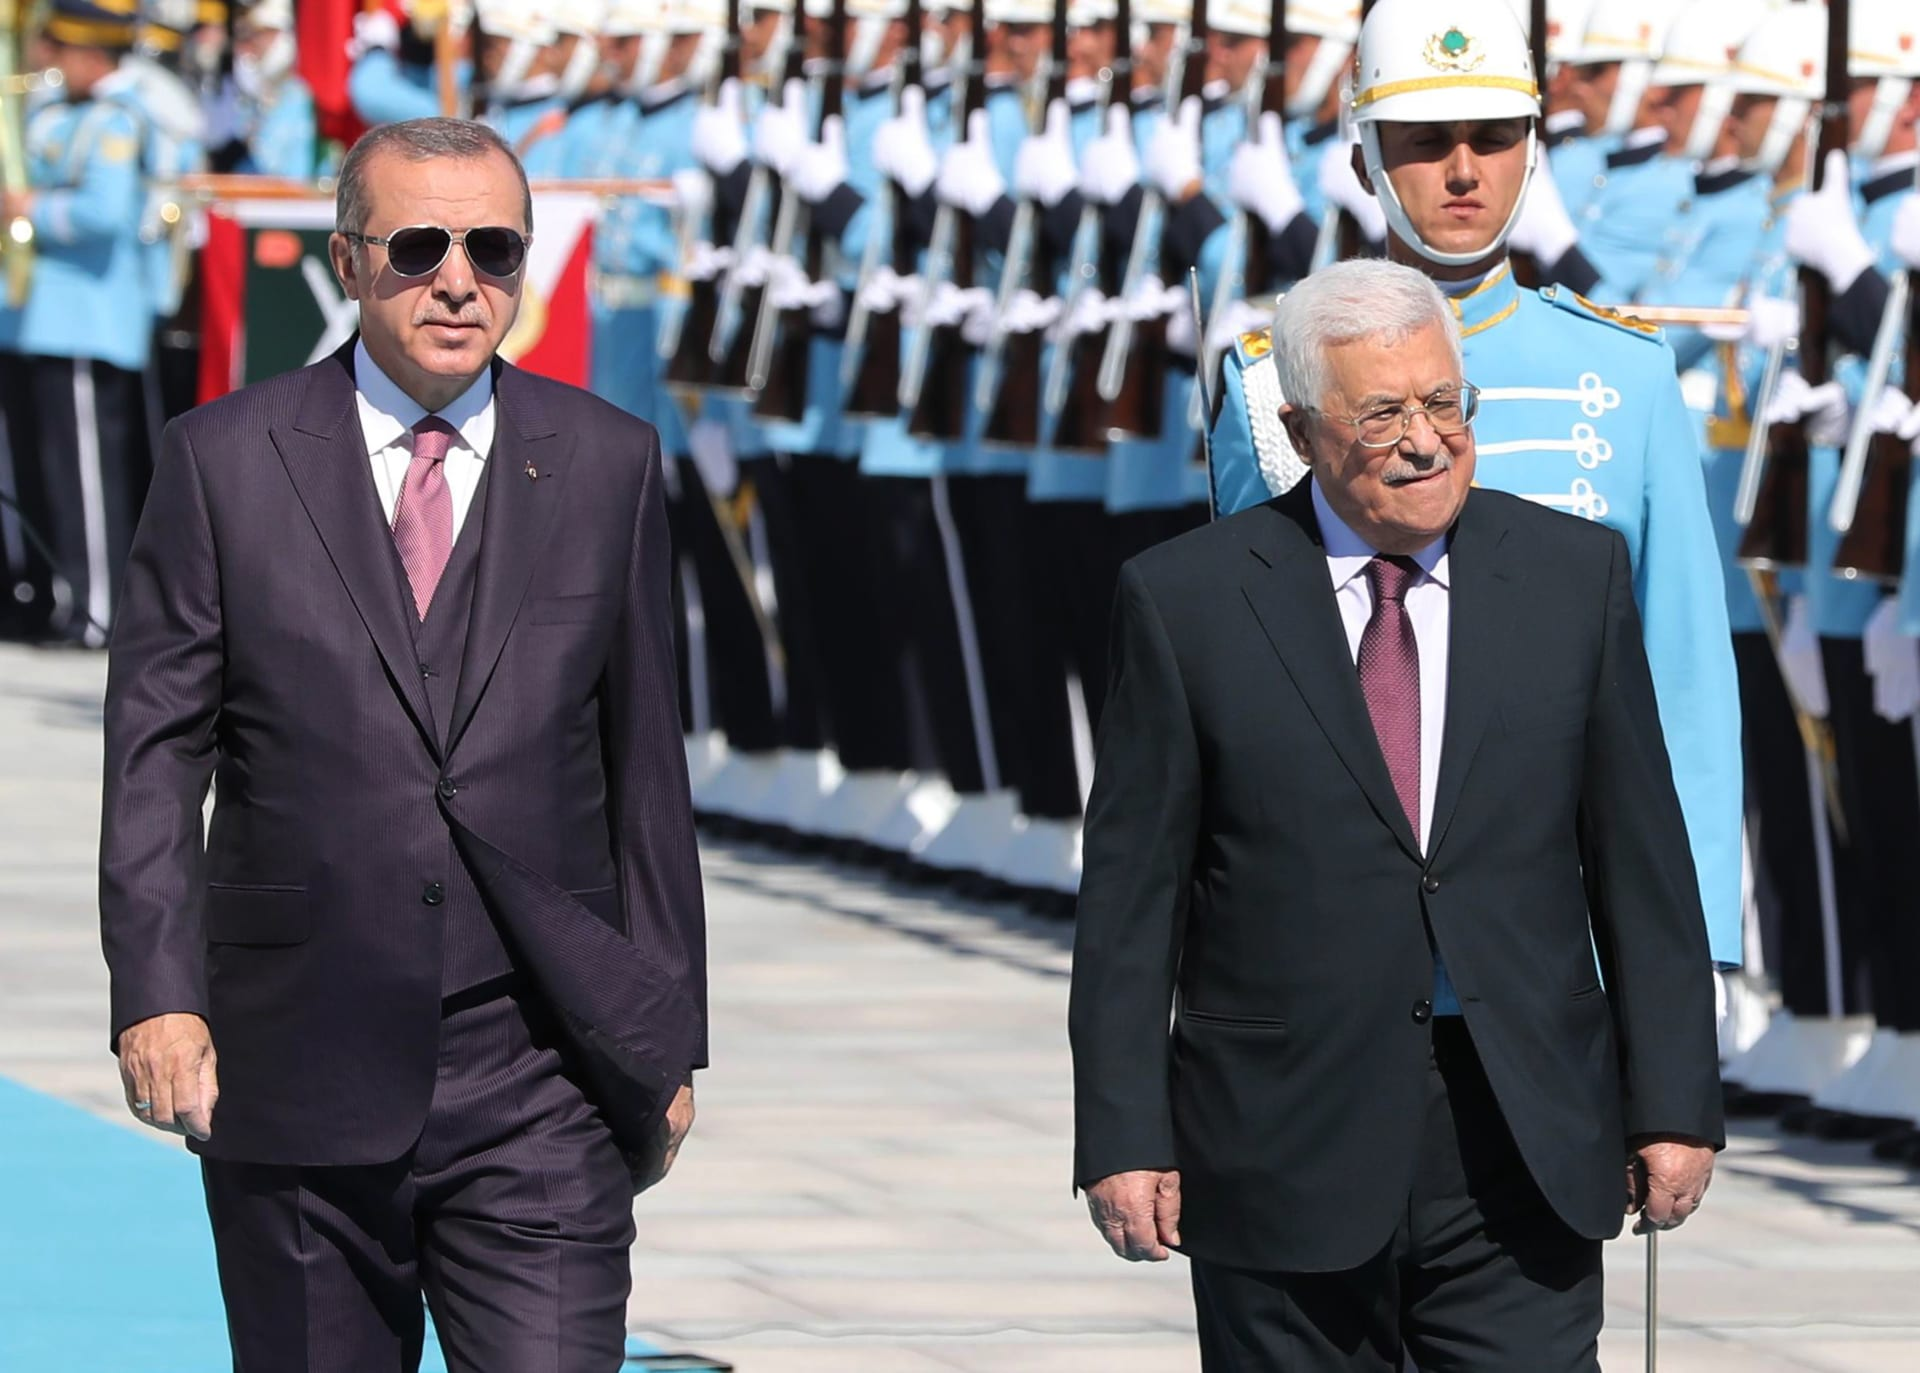 محمود عباس يُطلع أردوغان على الاتصالات مع حماس ويُرحب بتحويل آيا صوفيا لمسجد